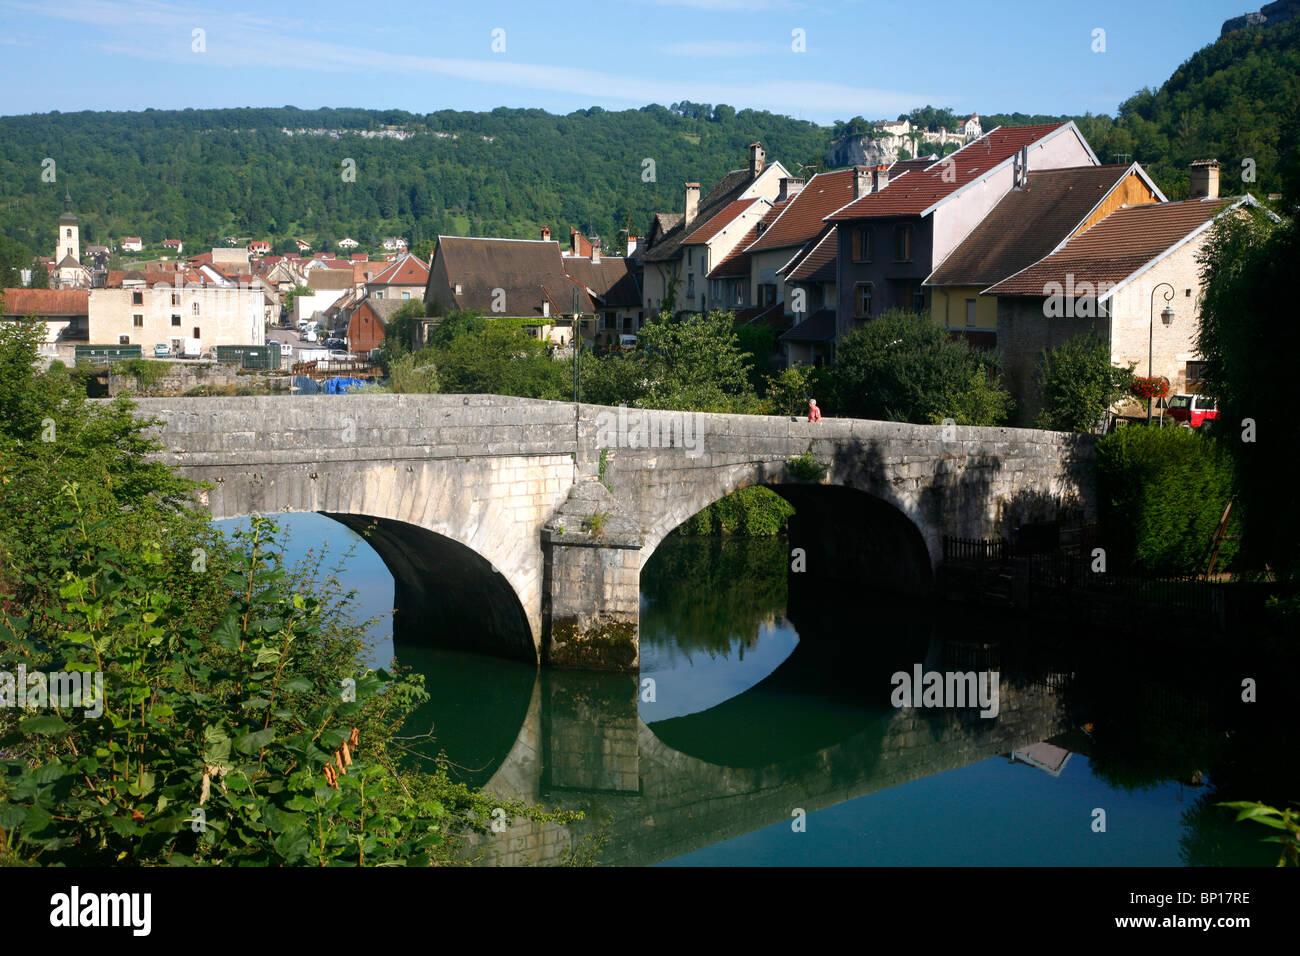 France, Franche-Comté, Doubs (25), La Loue valley, Ornans, old bridge on Loue river - Stock Image